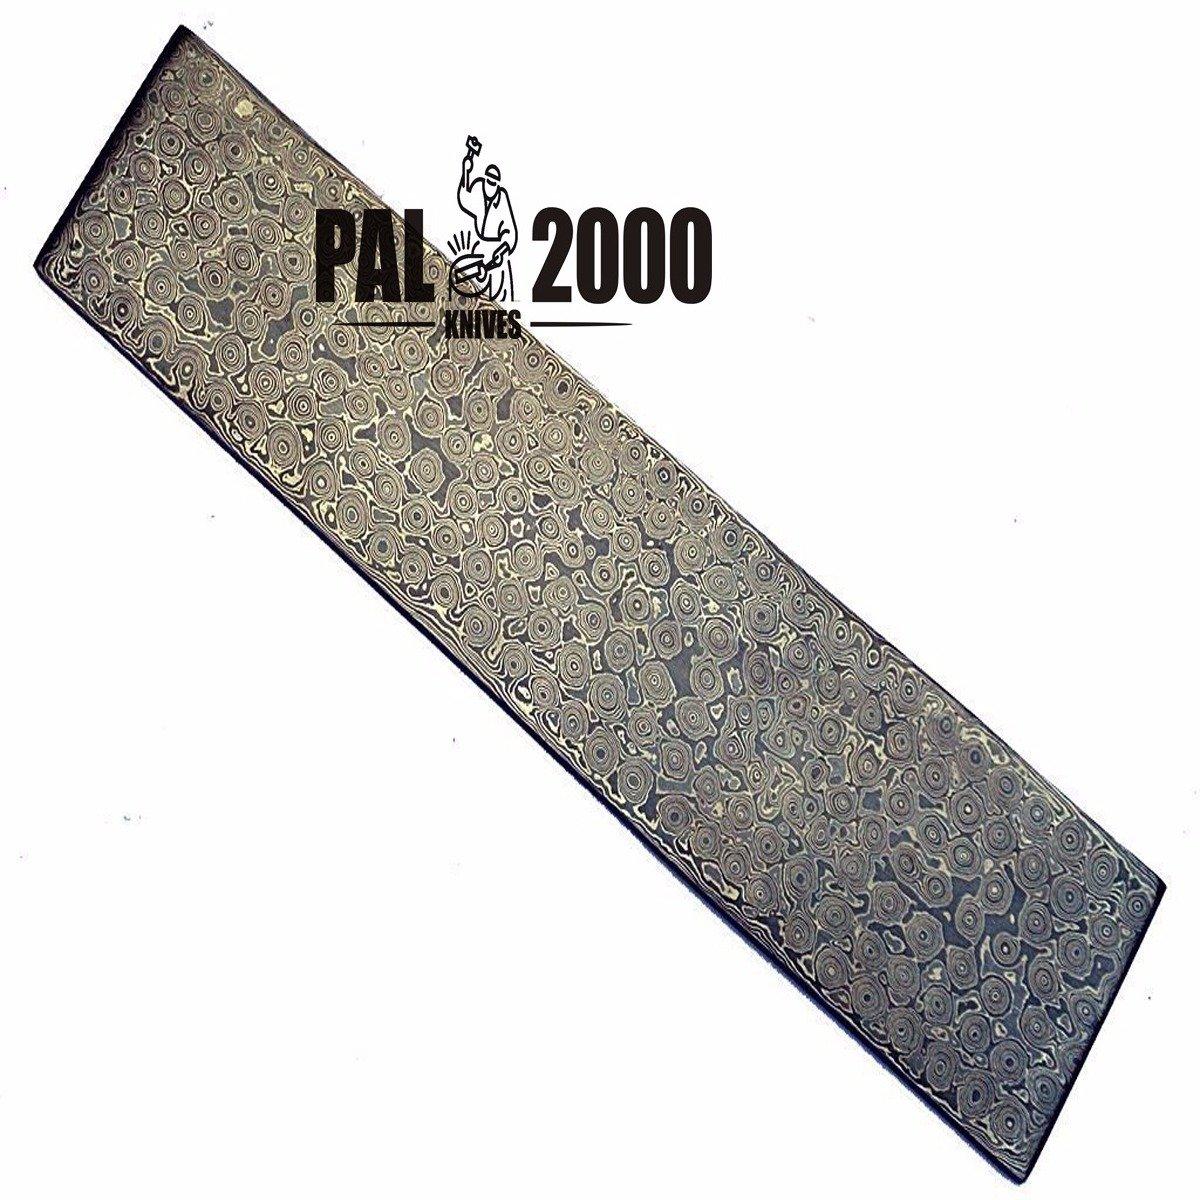 PAL 2000 SJAJ-9505 Dicke 2 mm mm mm Damast-Billet bar für Regenmesser 30cmx5cmx2MM benutzerdefinierte handgefertigte Damaststahl für bares Messer für die Schmuckherstellung   Besteck und andere Zwecke B07QD6BCZZ | Adoptieren  54369f